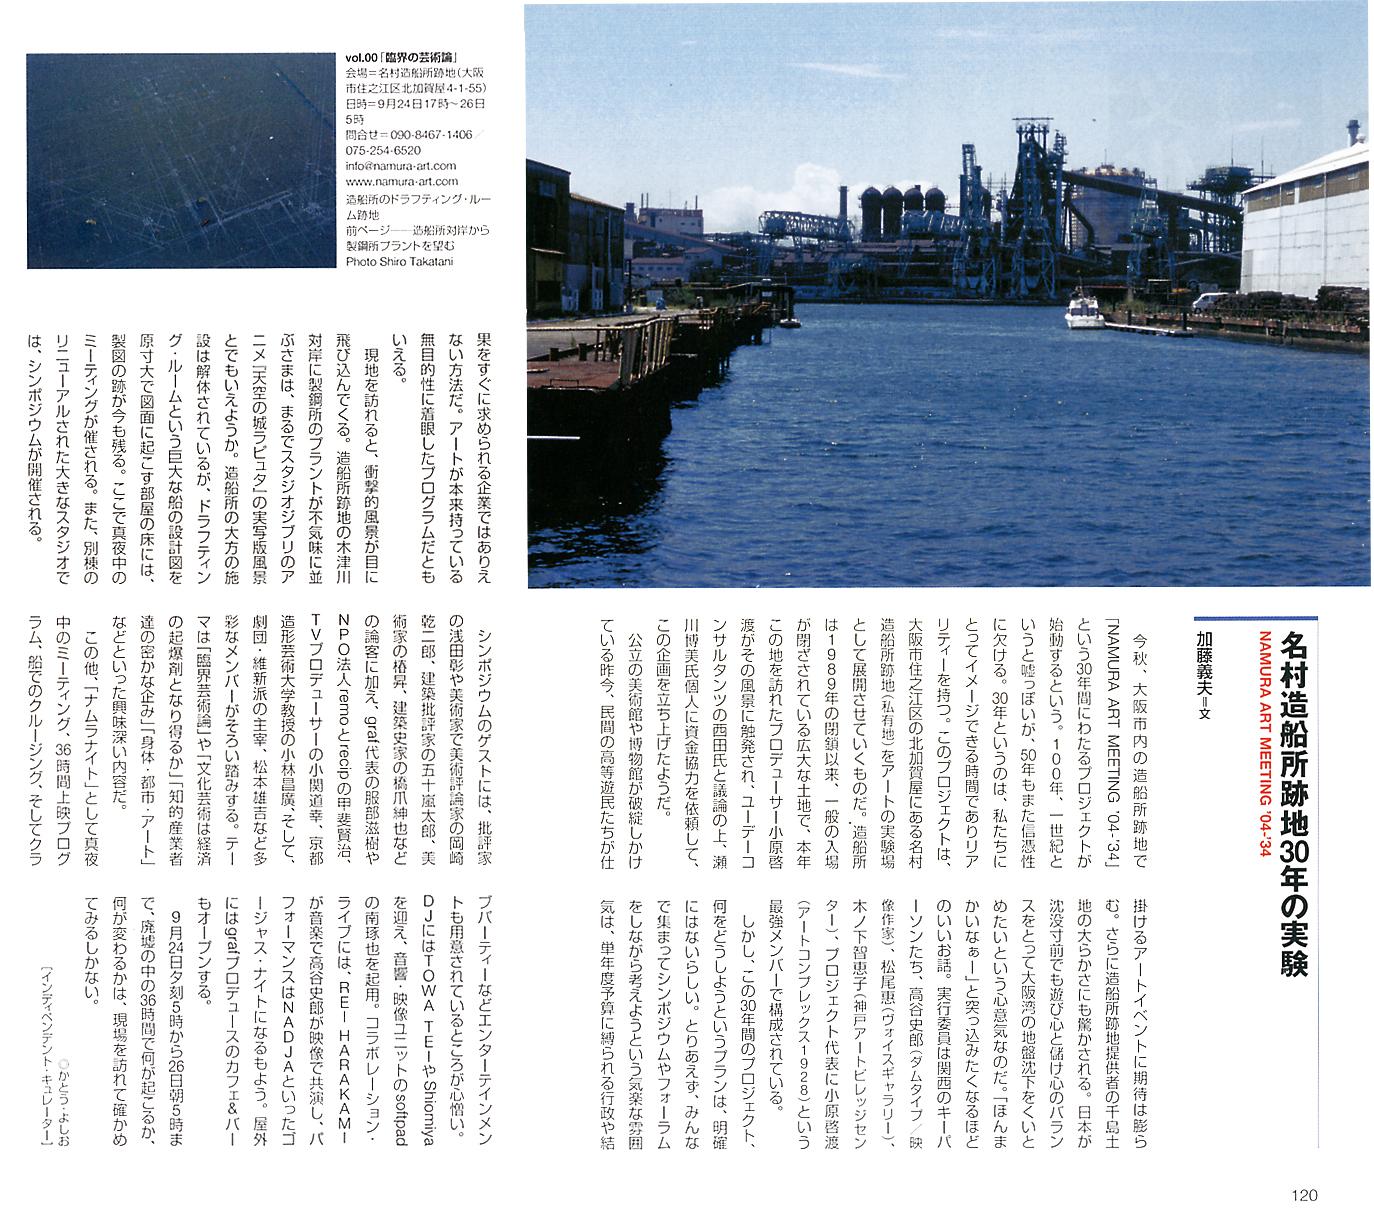 名村造船所跡地30年の実験 美術手帖/2004年10月号